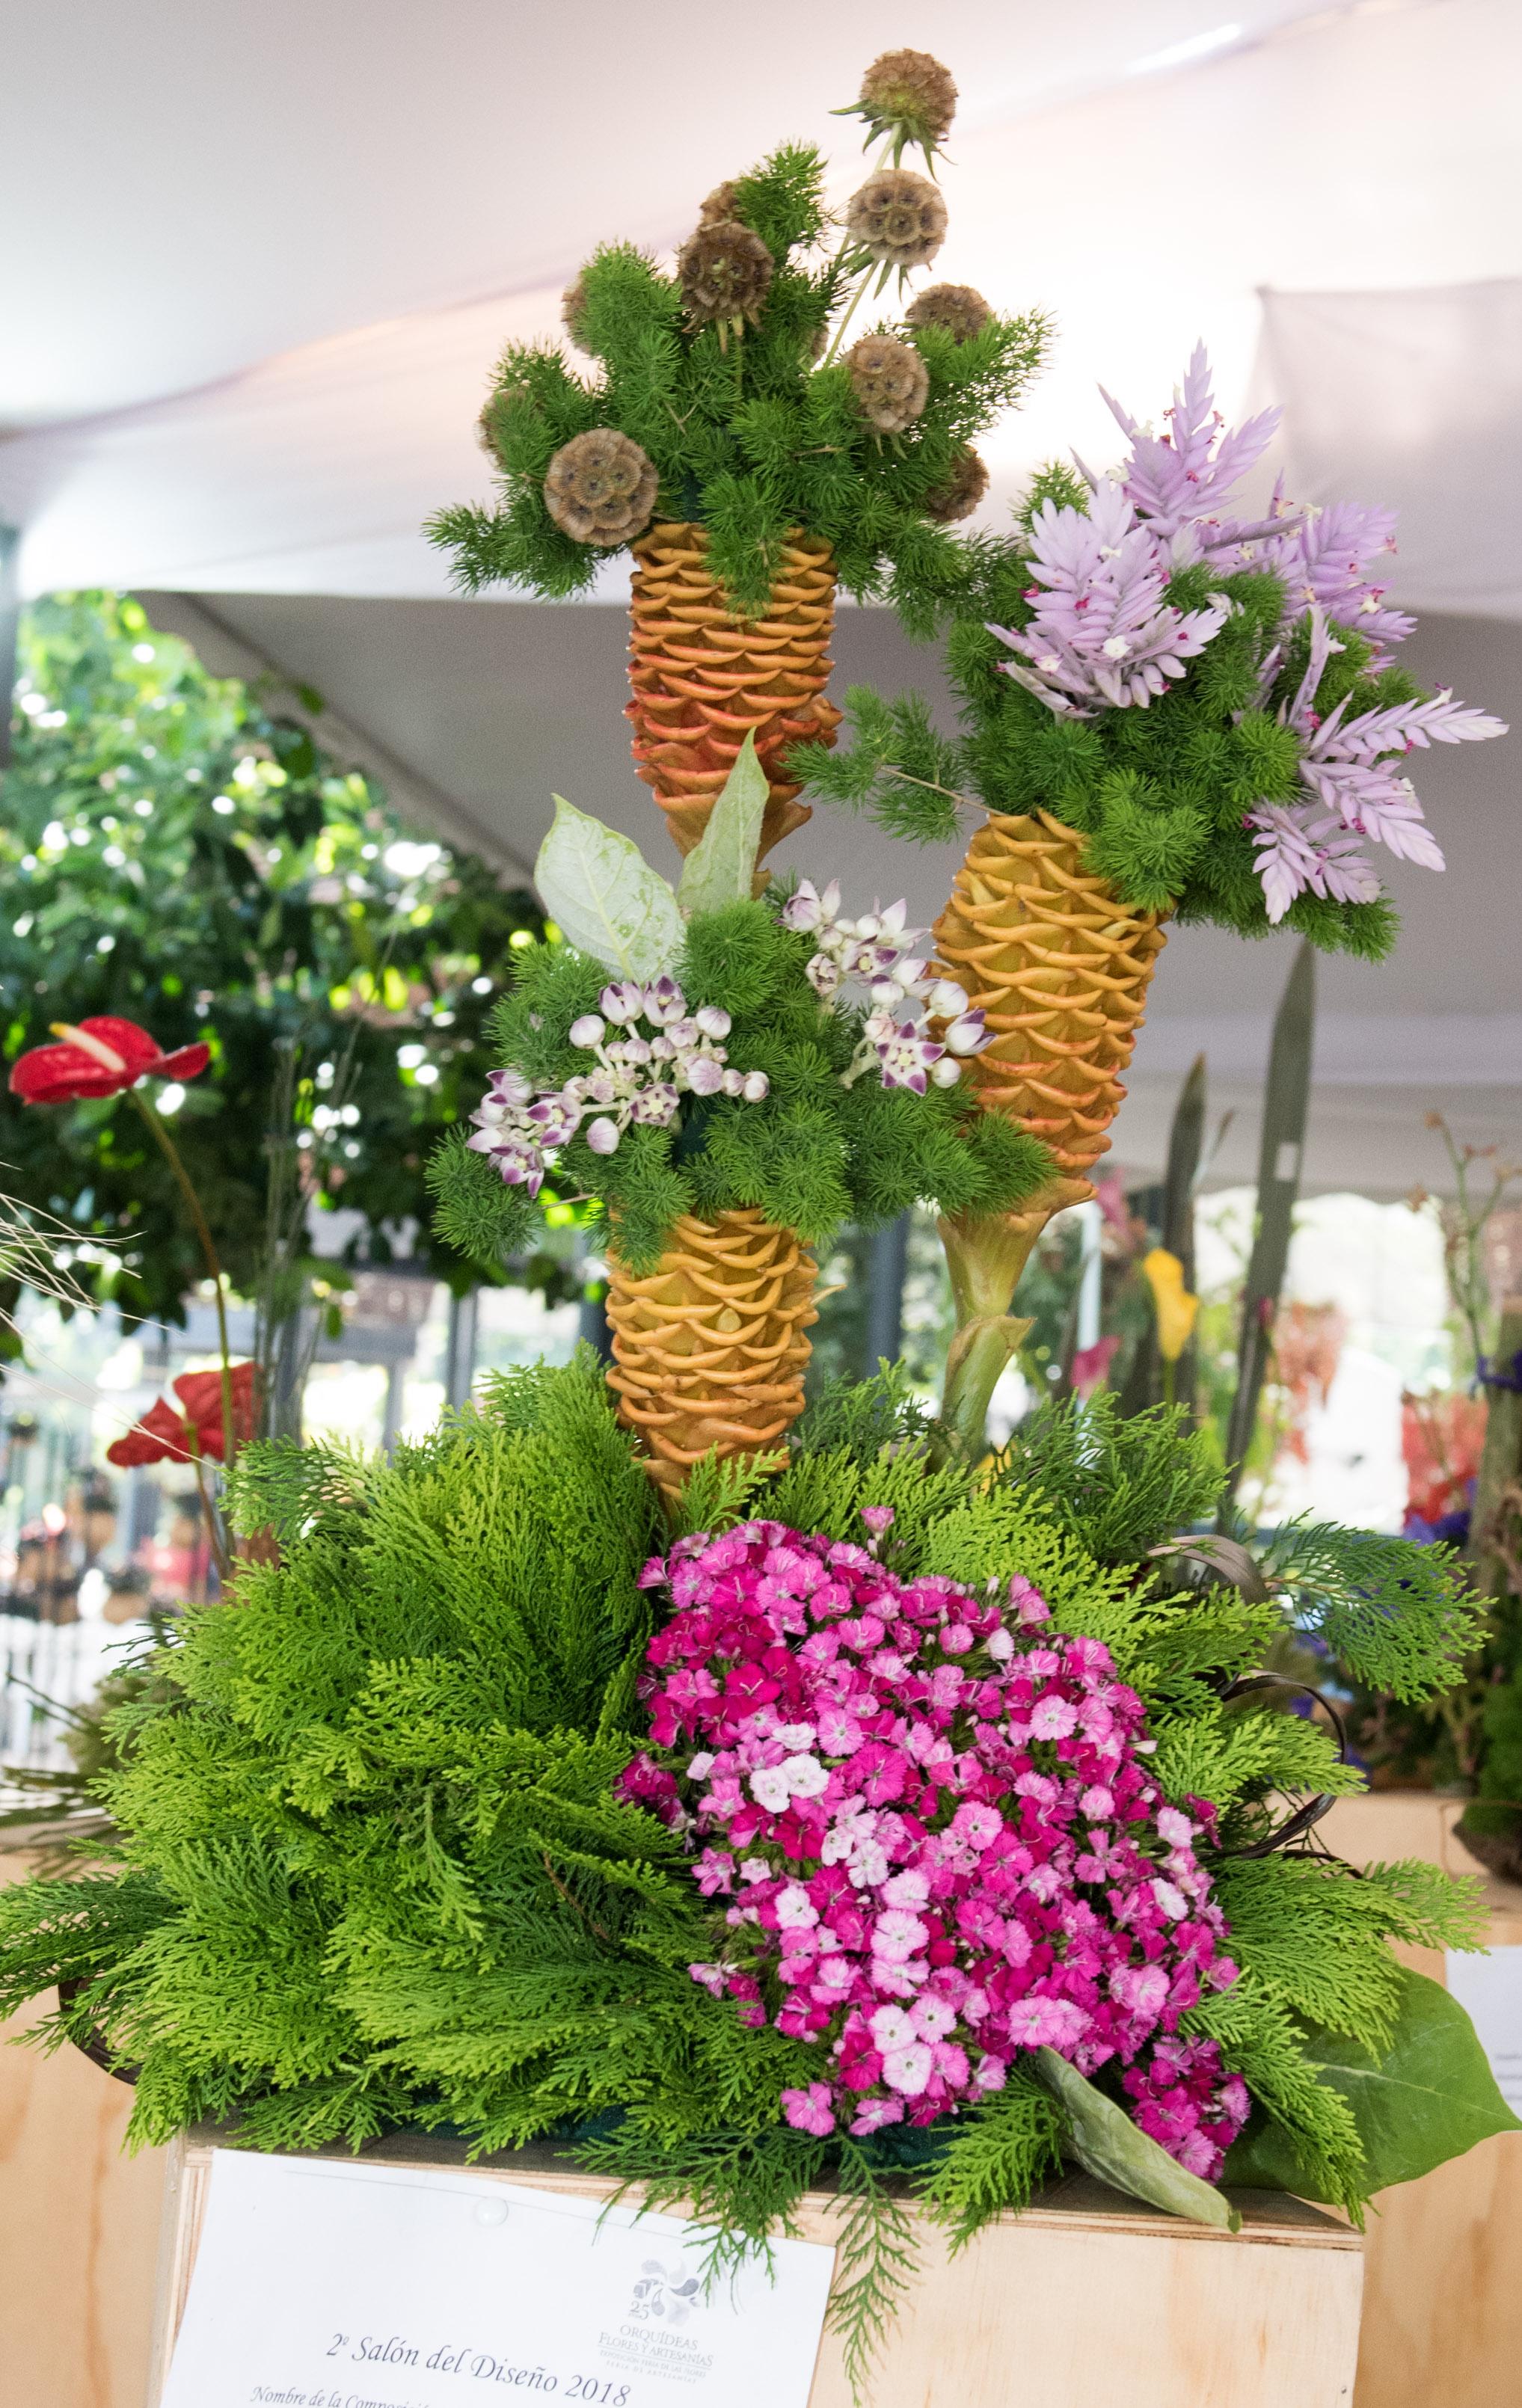 Derroche de Creatividad durante el Tercer Salón del Diseño Floral